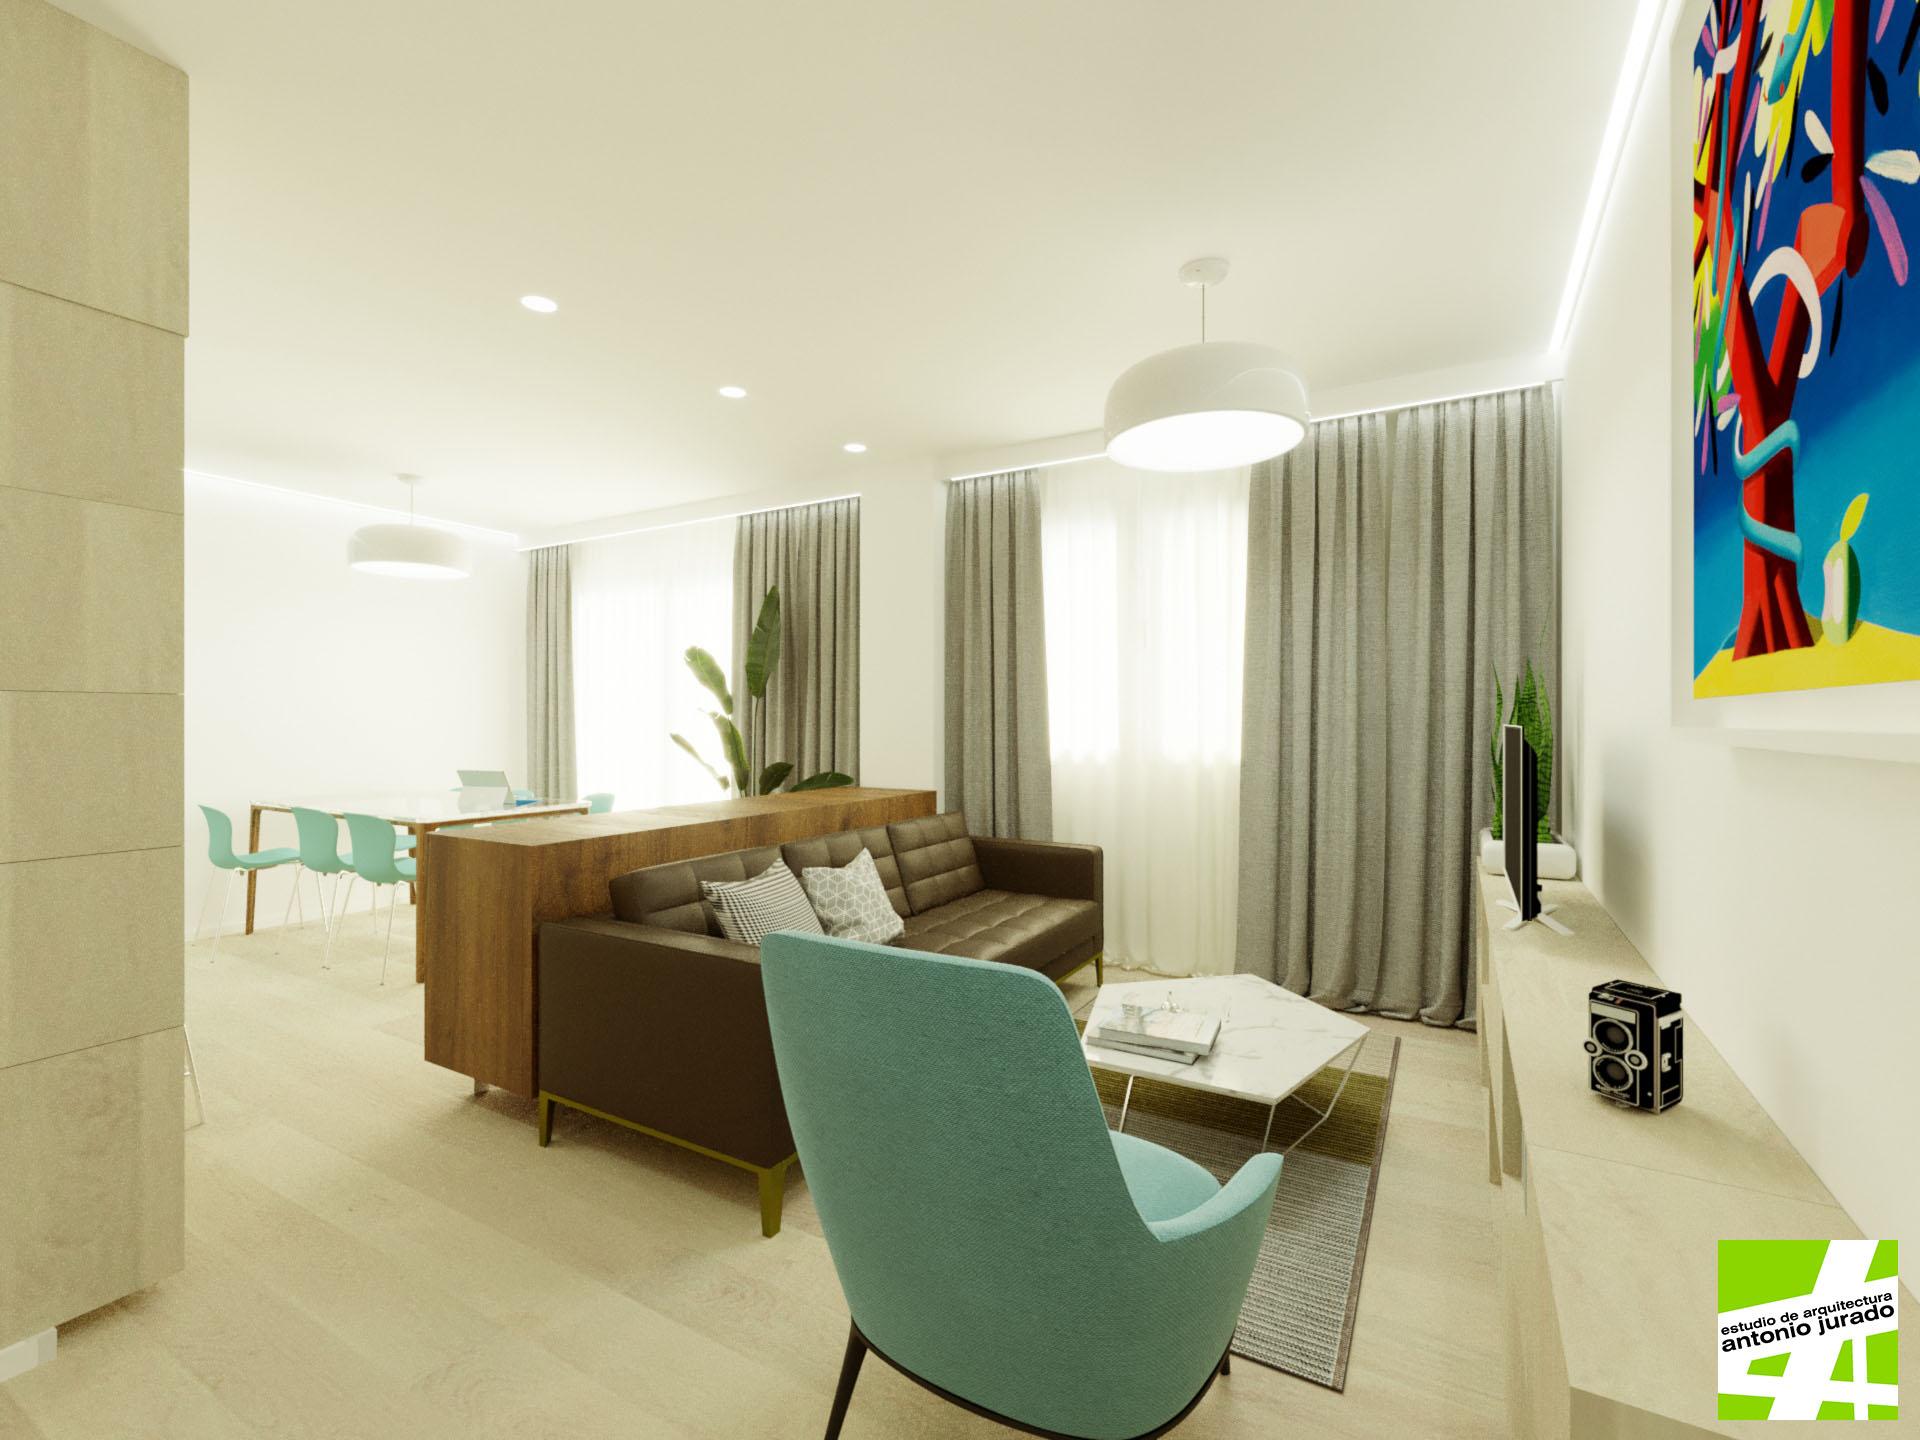 apartamento-mc-malaga-estudio-arquitectura-antonio-jurado-05